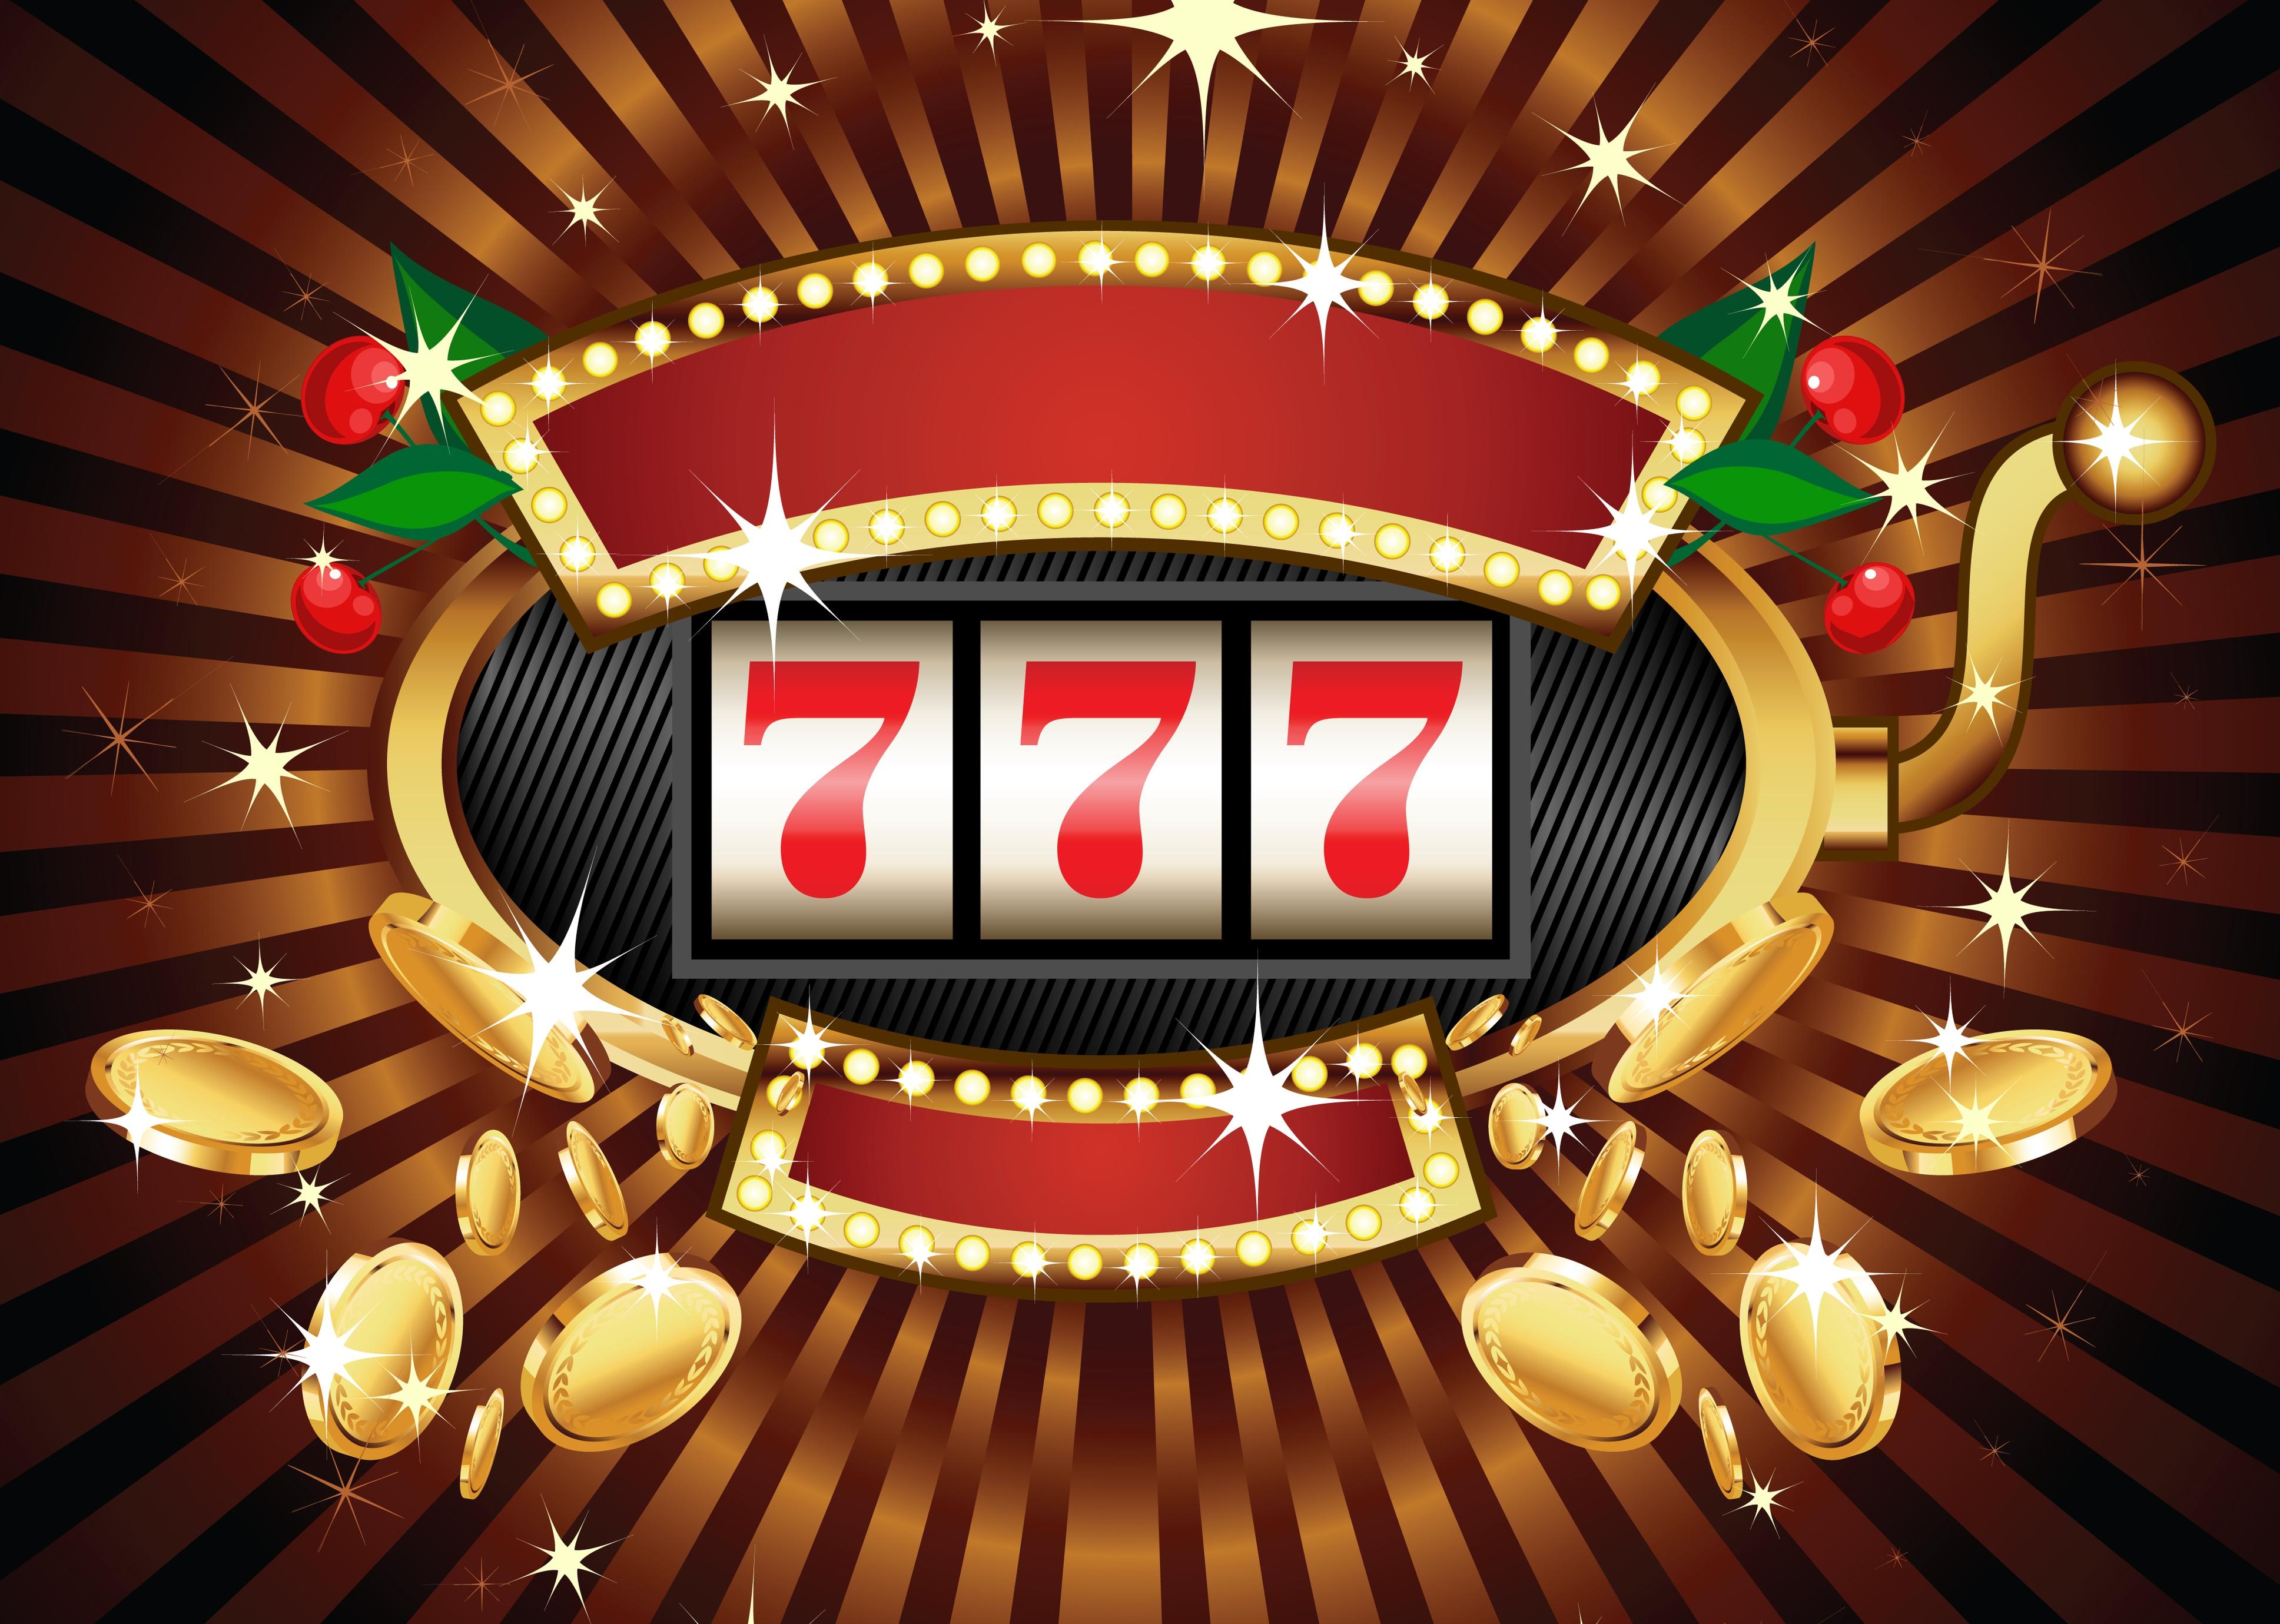 Три 777 игровые автоматы оффлайн игровые автоматы для андроид